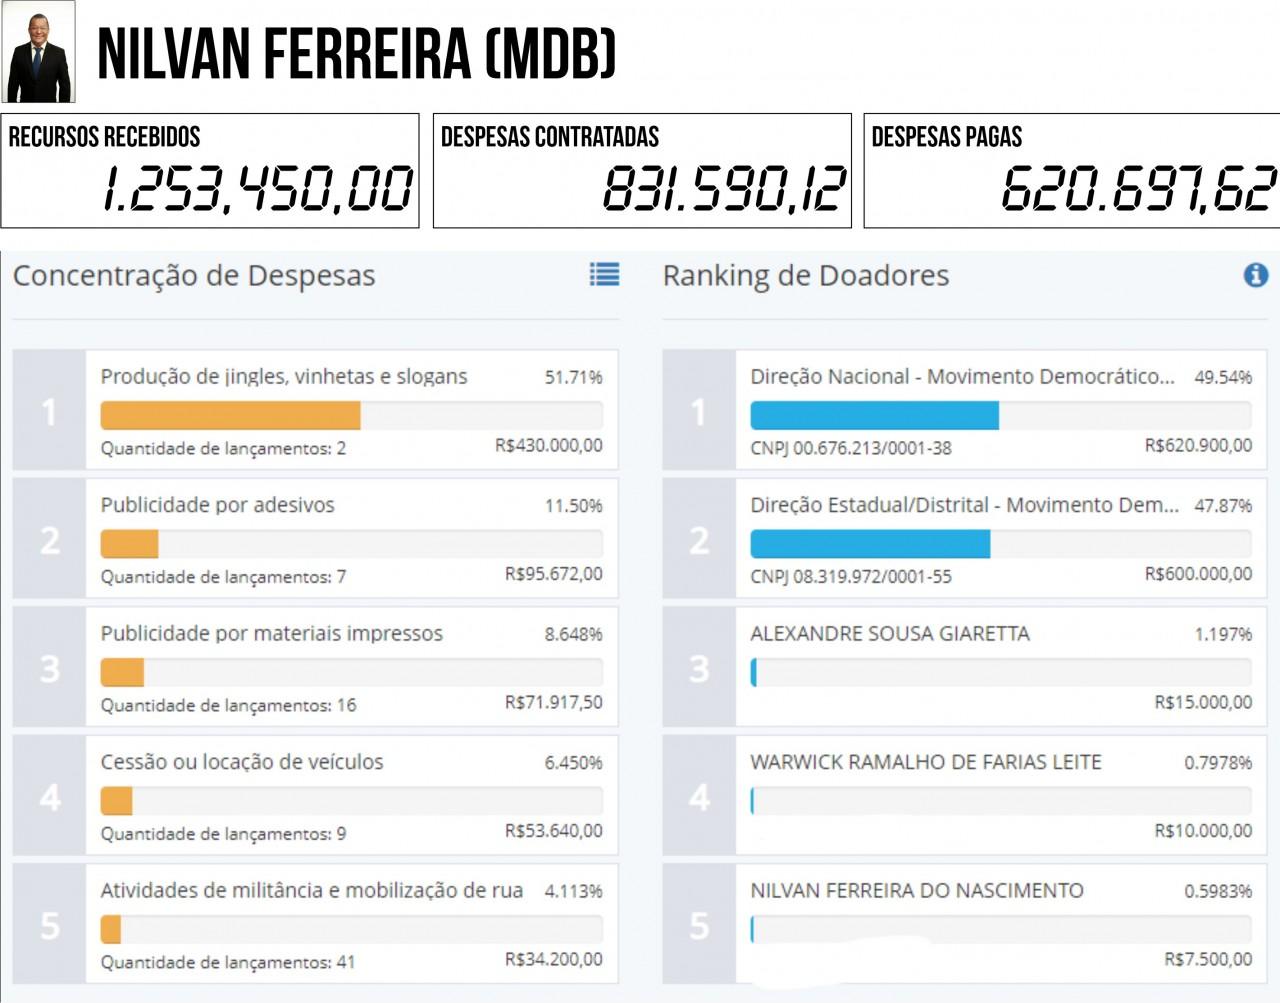 NILVAN FERREIRA MDB - 2ª PRESTAÇÃO DE CONTAS: Seis candidatos à PMJP gastaram mais do que arrecadaram - VEJA QUEM SÃO